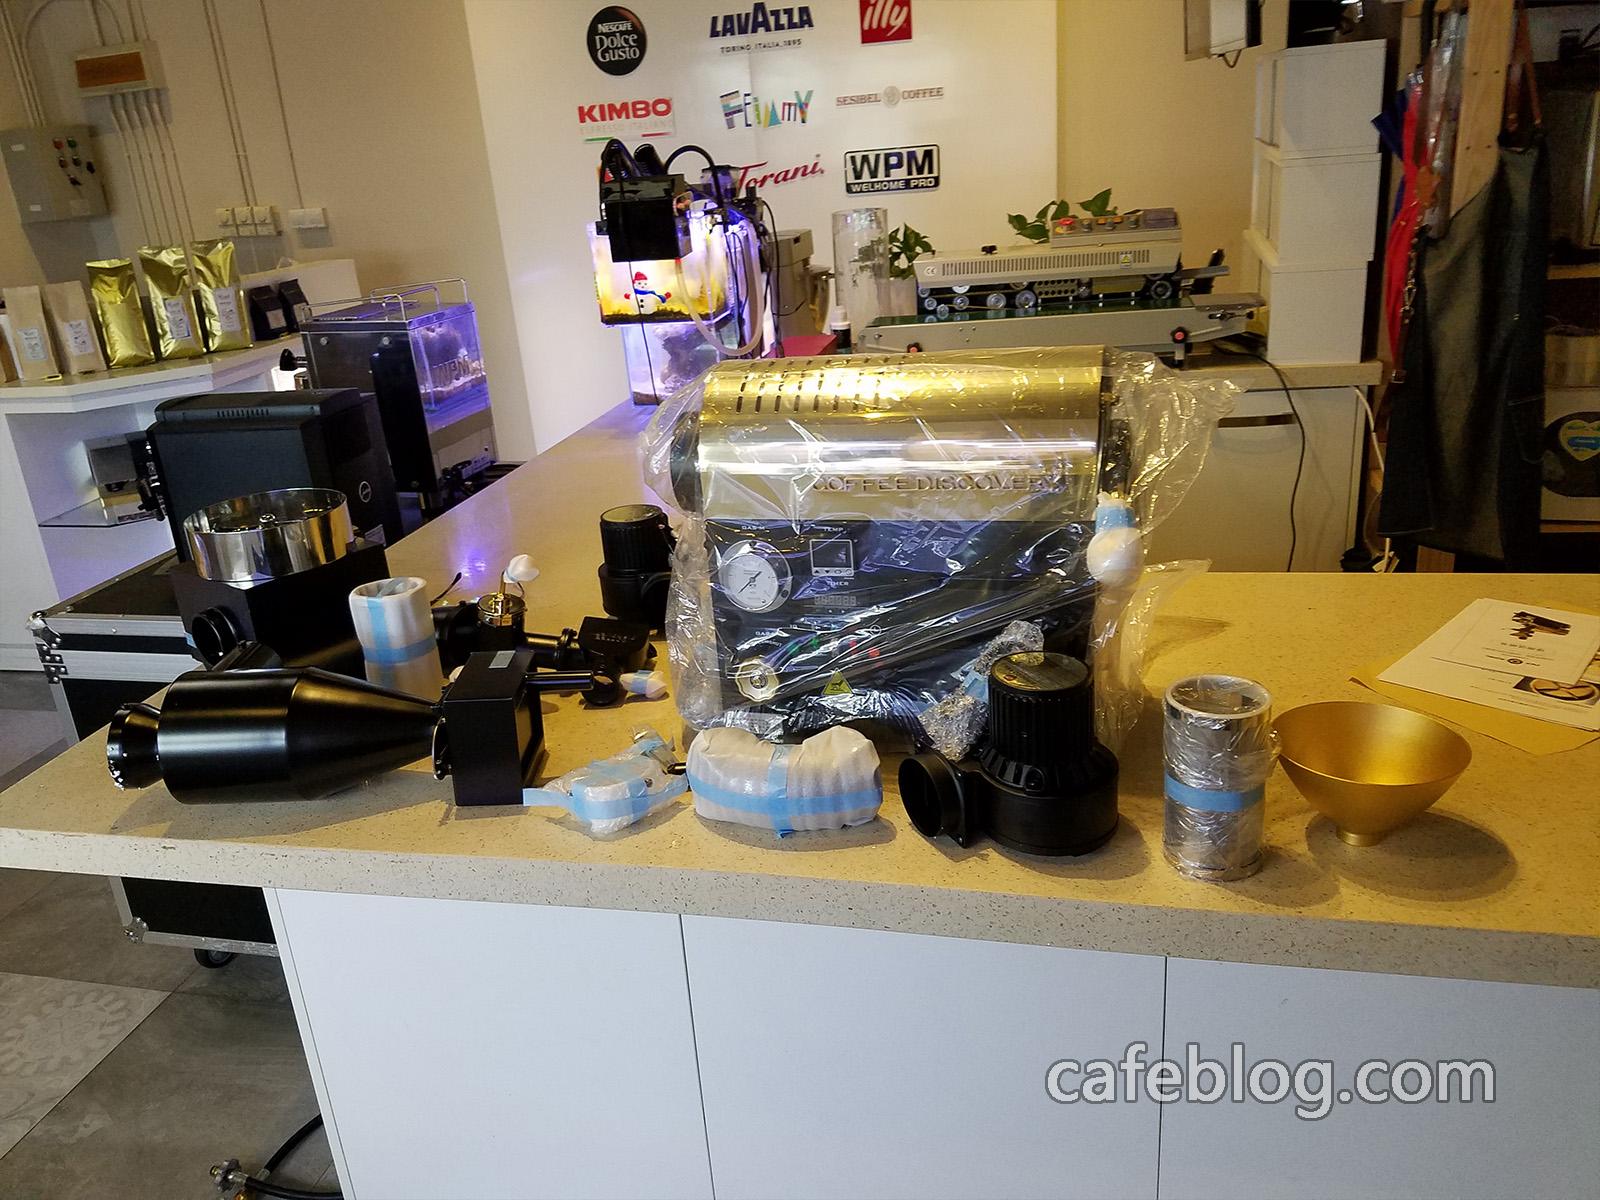 开始开箱准备安装DISCOVERY咖啡烘焙机